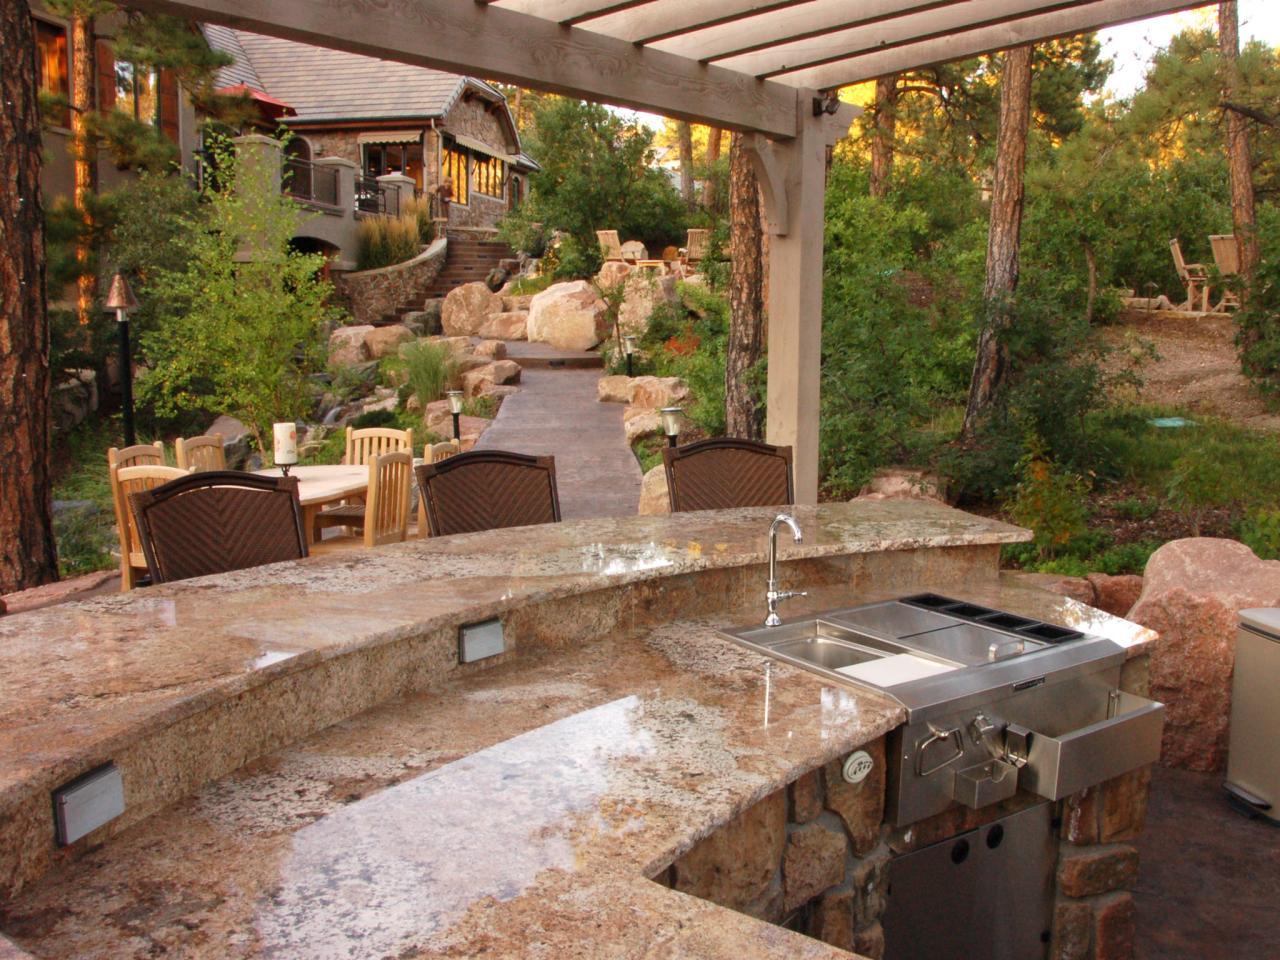 outdoor kitchen ideas photo - 5